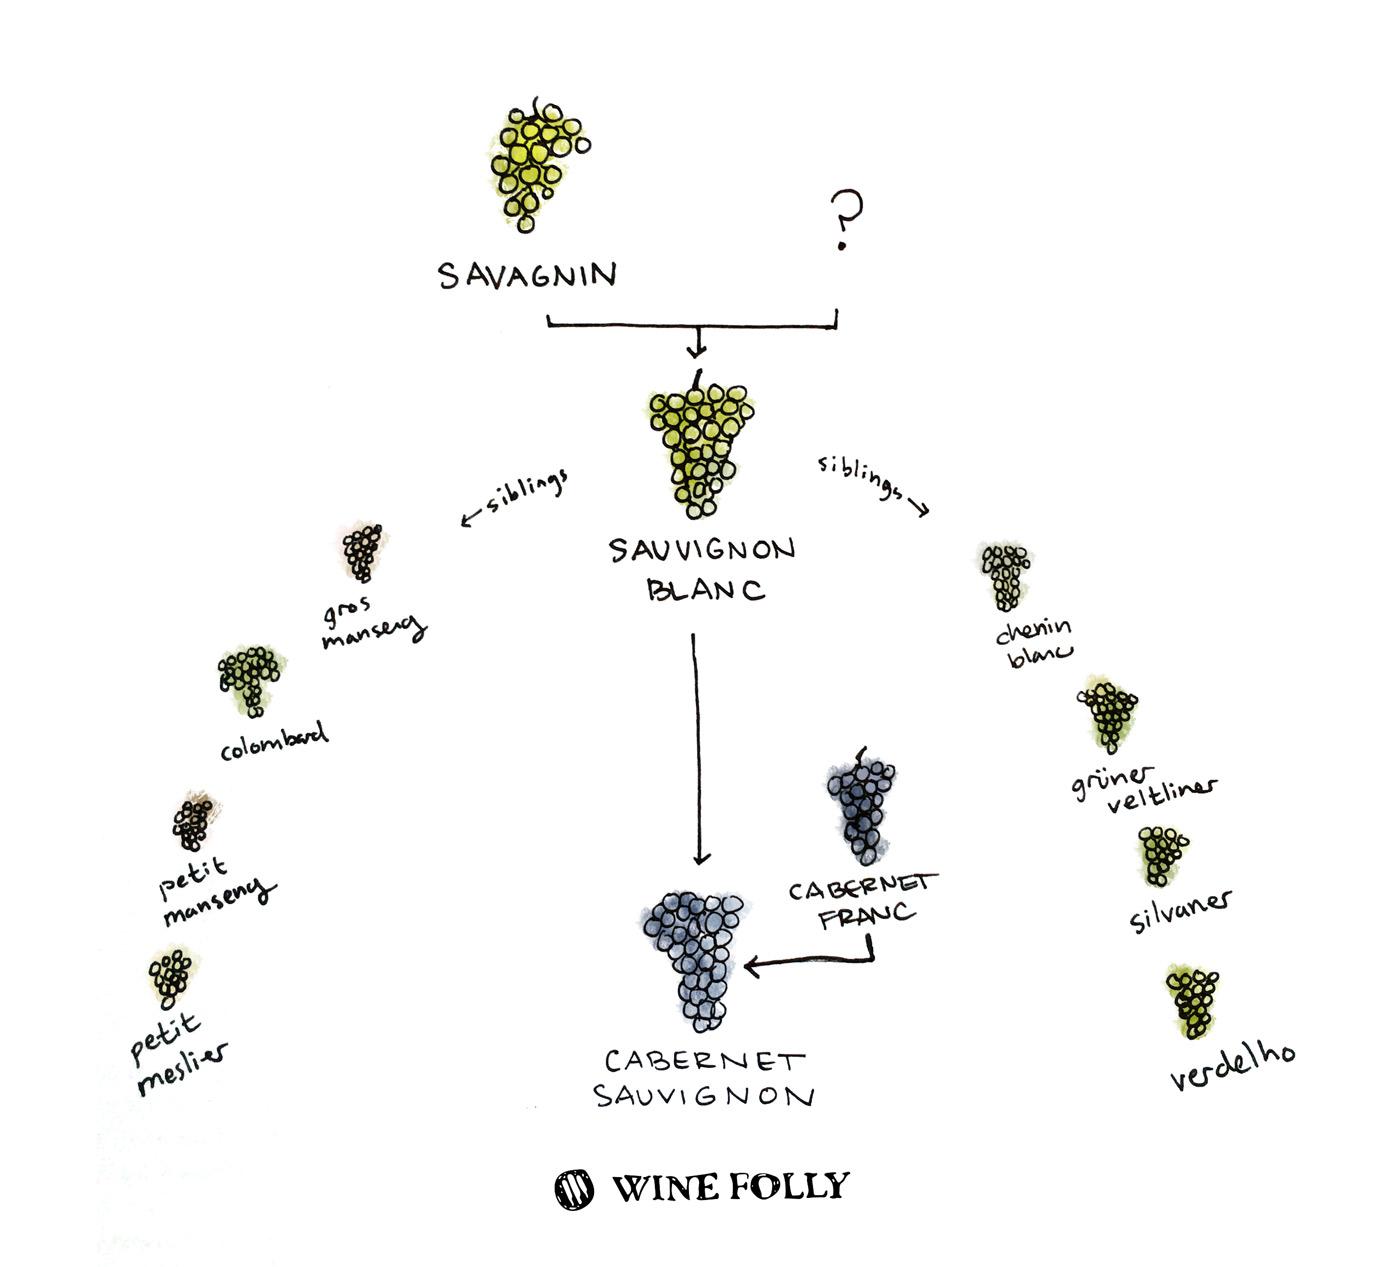 Sauvignon Blanc family tree by Wine Folly